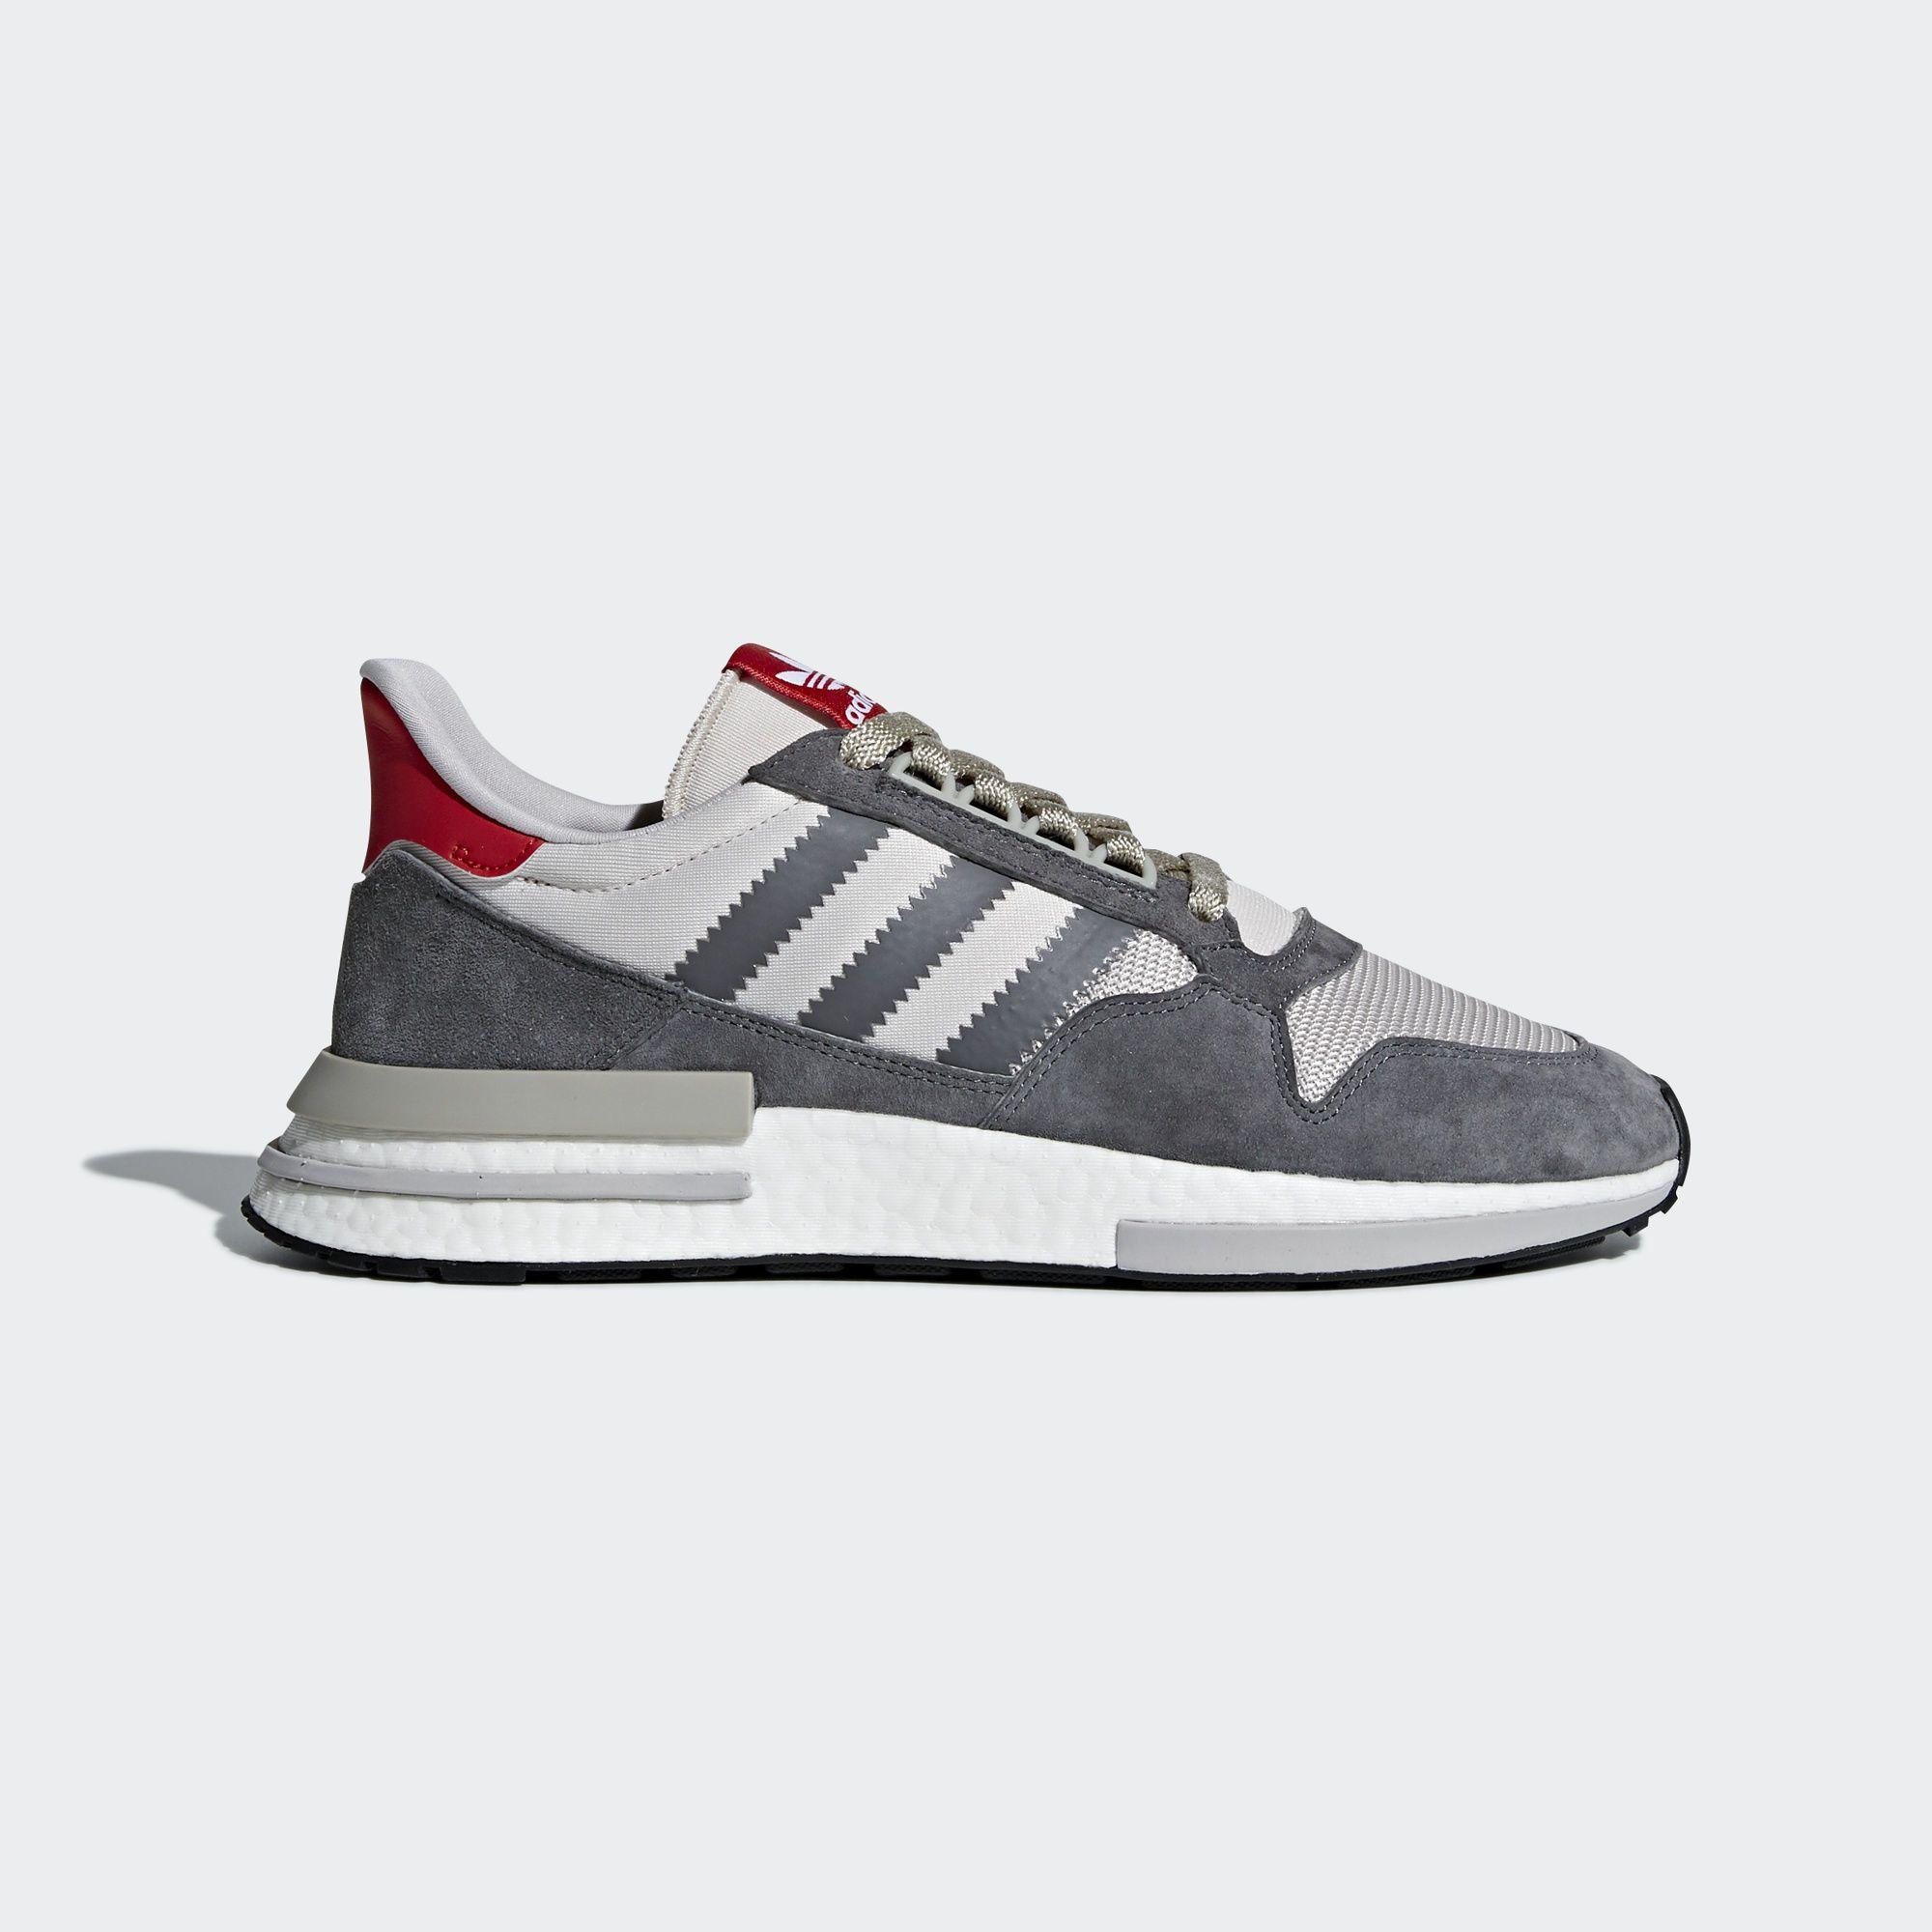 91416fc62c9 Dit zijn de coolste sneakers die deze week uitkomen